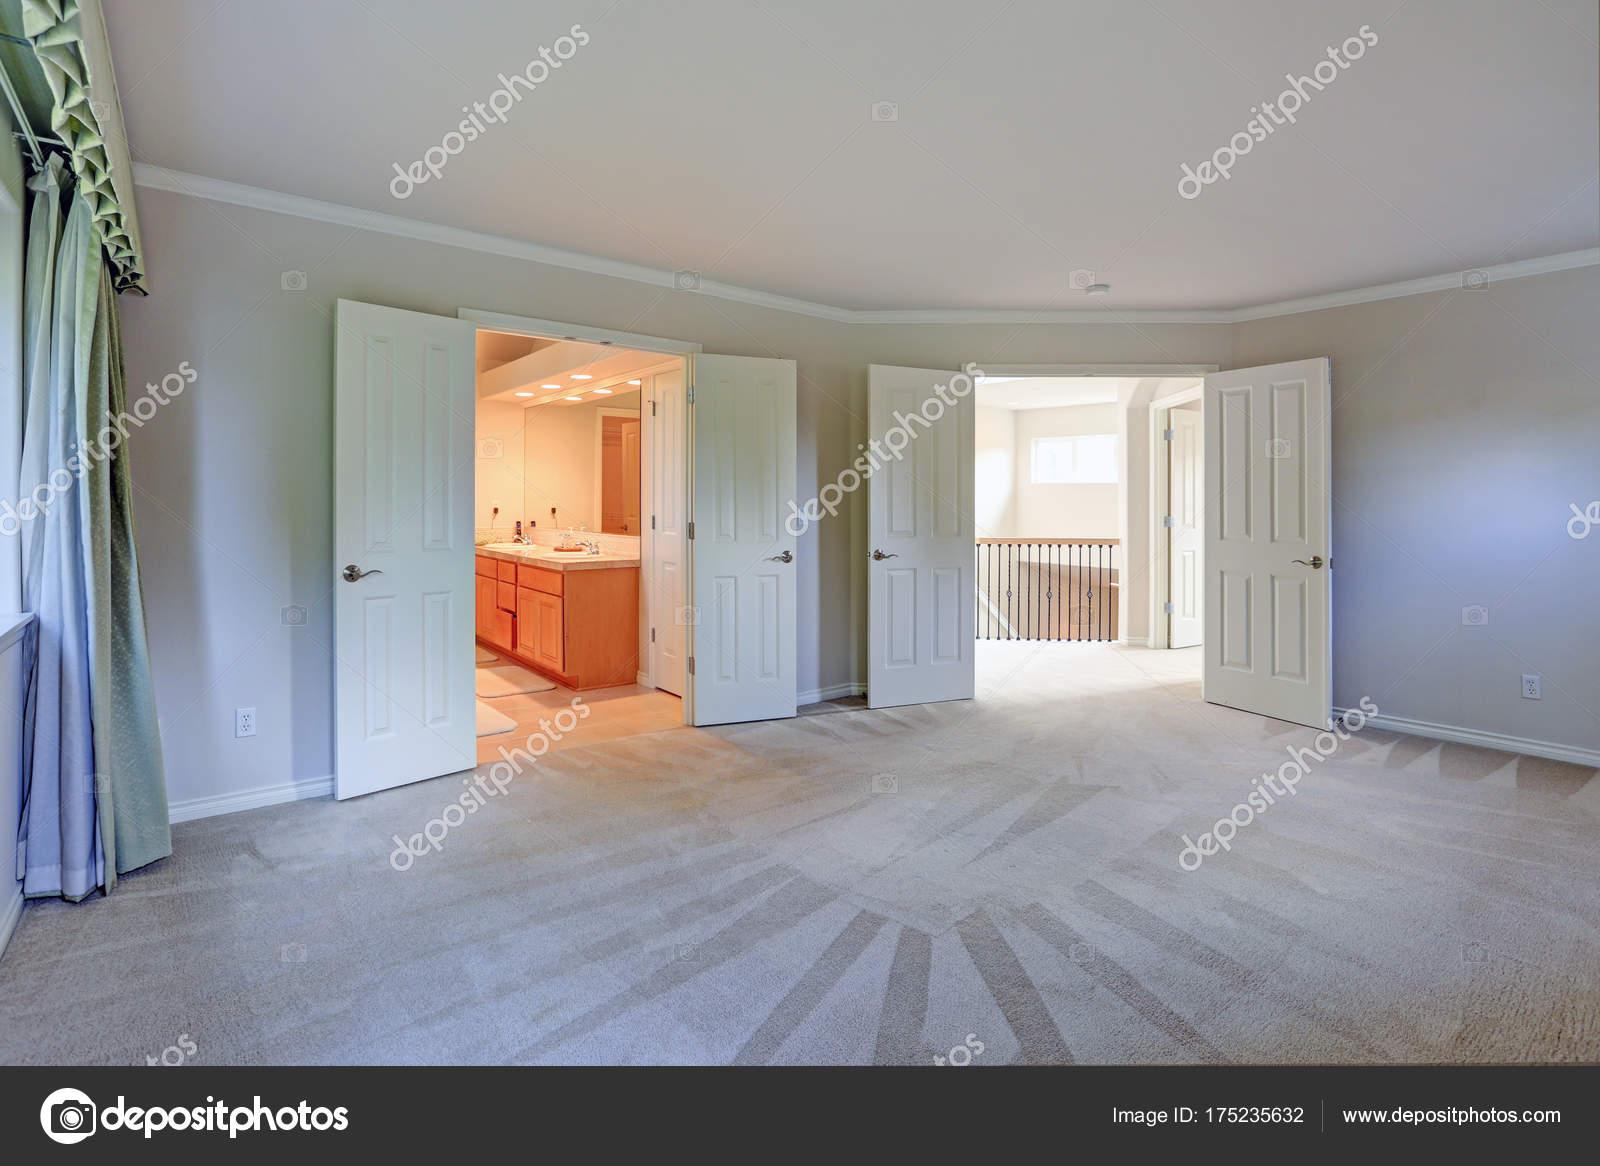 Leeren Raum mit Teppichboden und grauen Mauern — Stockfoto © alabn ...